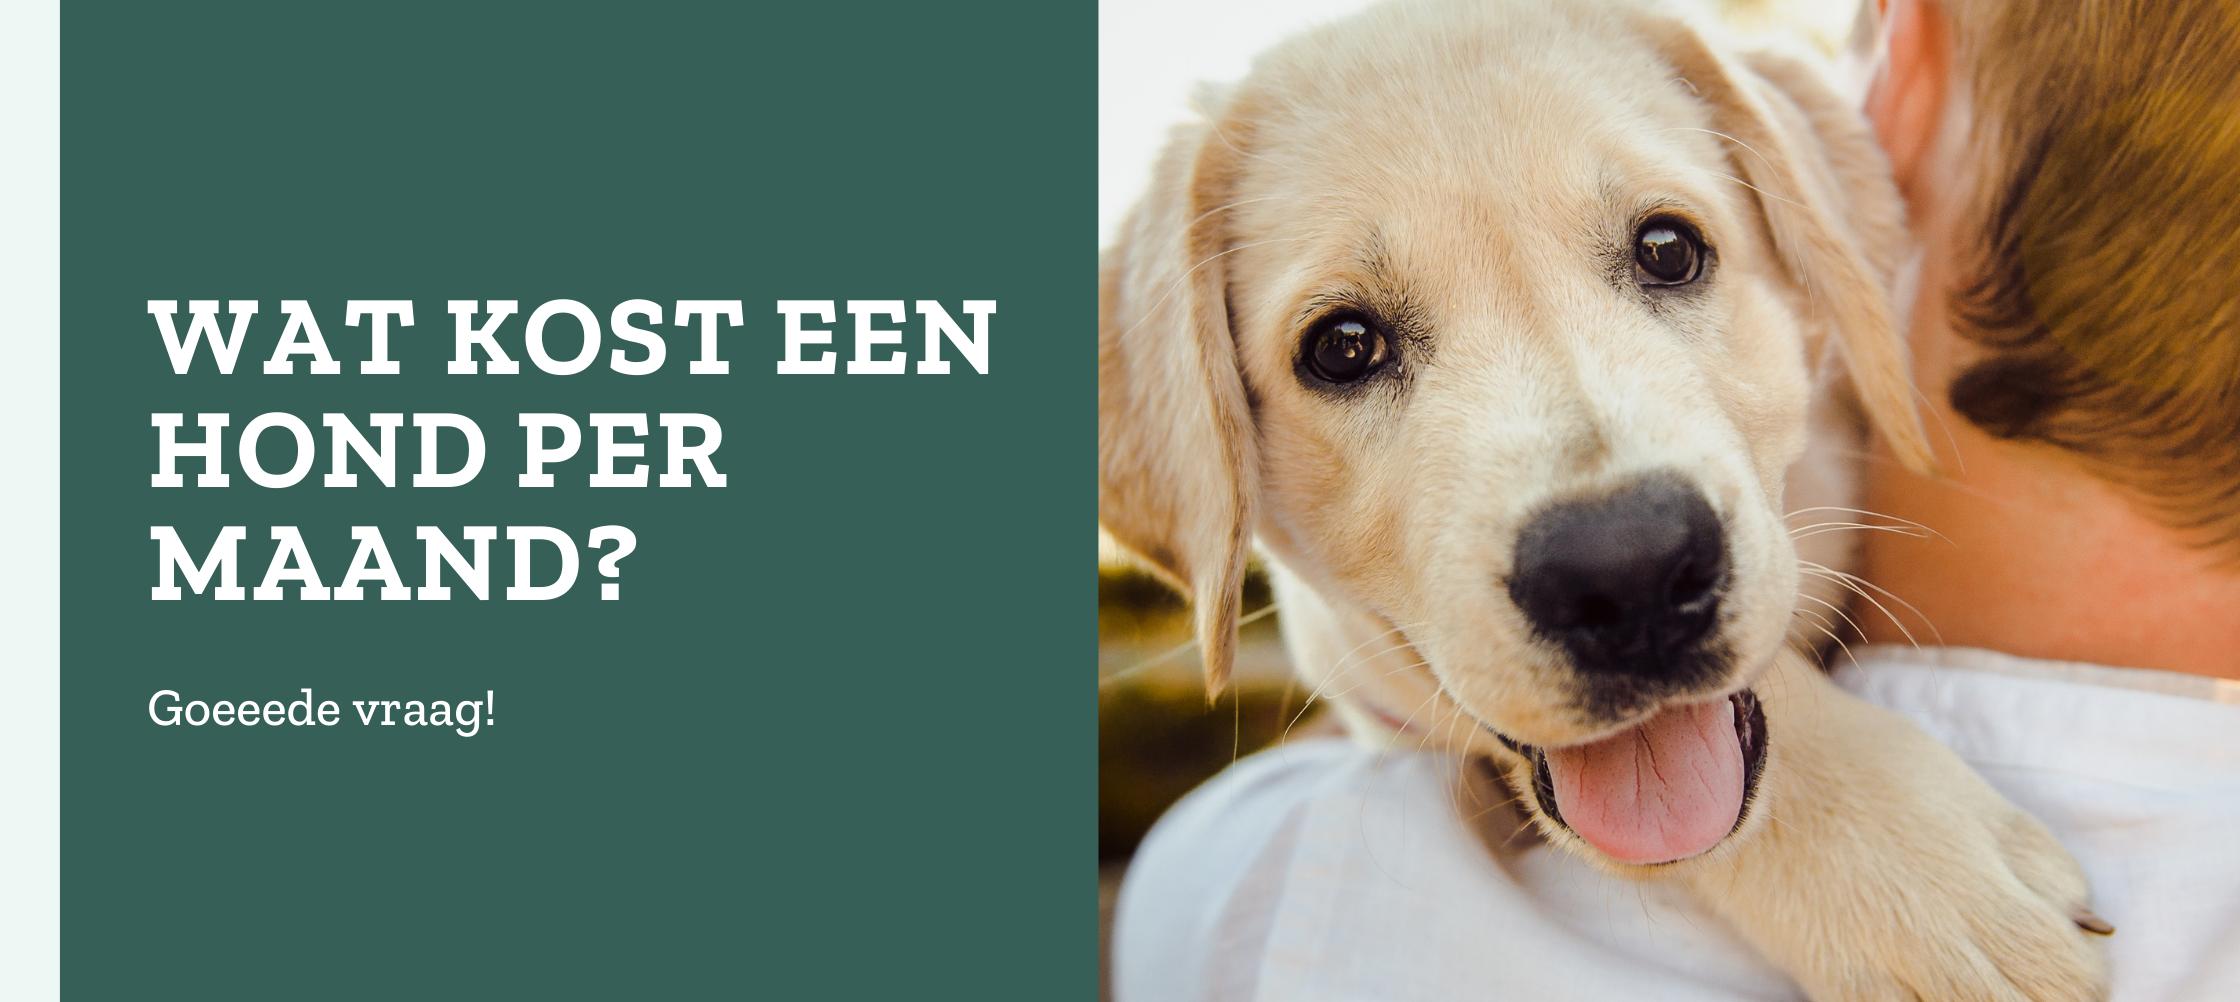 Wat kost een hond?